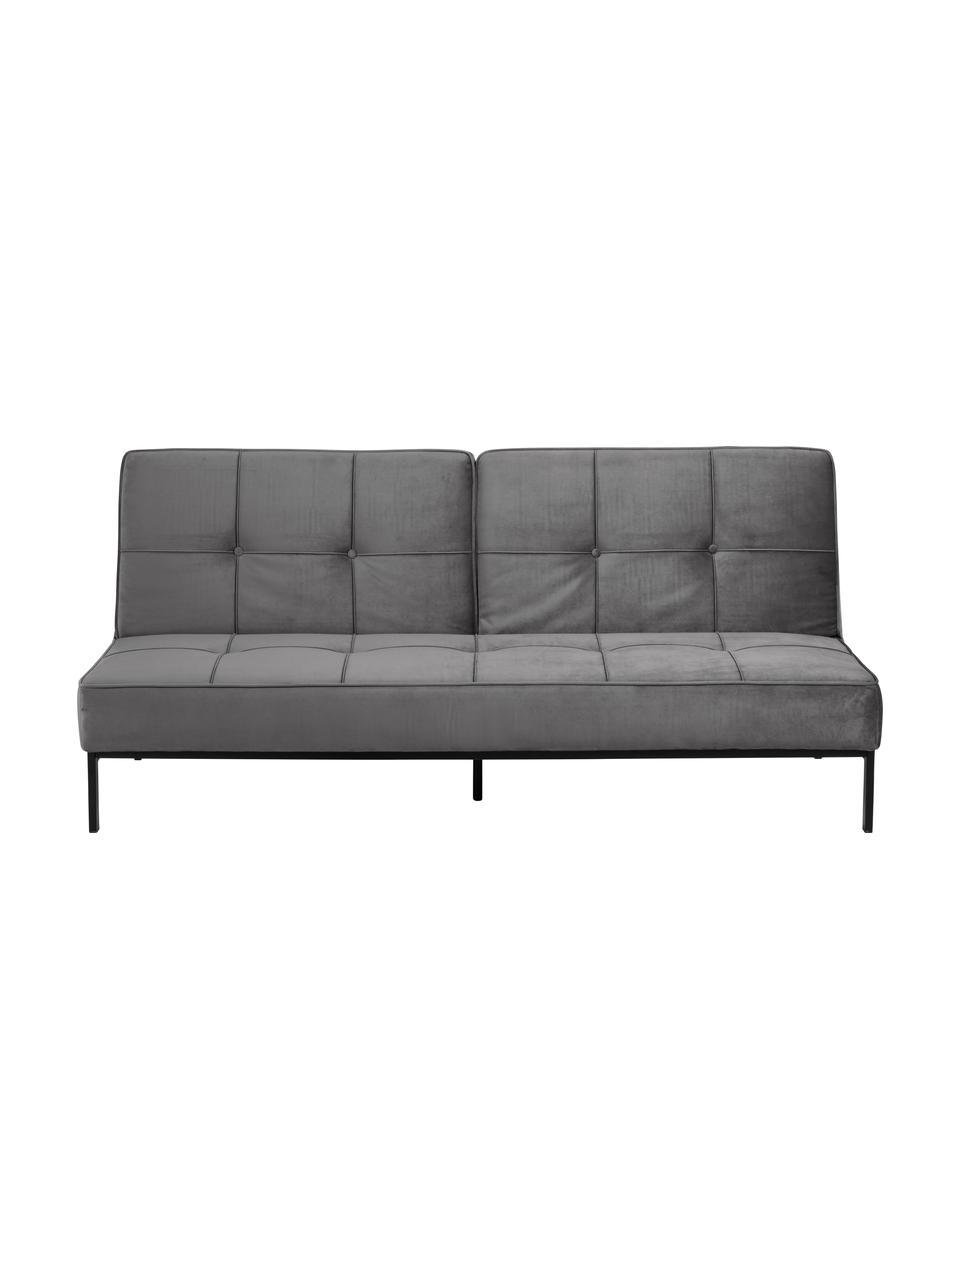 Sofa rozkładana z aksamitu z metalowymi nogami Perugia (2-osobowa), Tapicerka: aksamit poliestrowy Dzięk, Nogi: metal lakierowany, Aksamitny ciemny szary, S 198 x G 95 cm